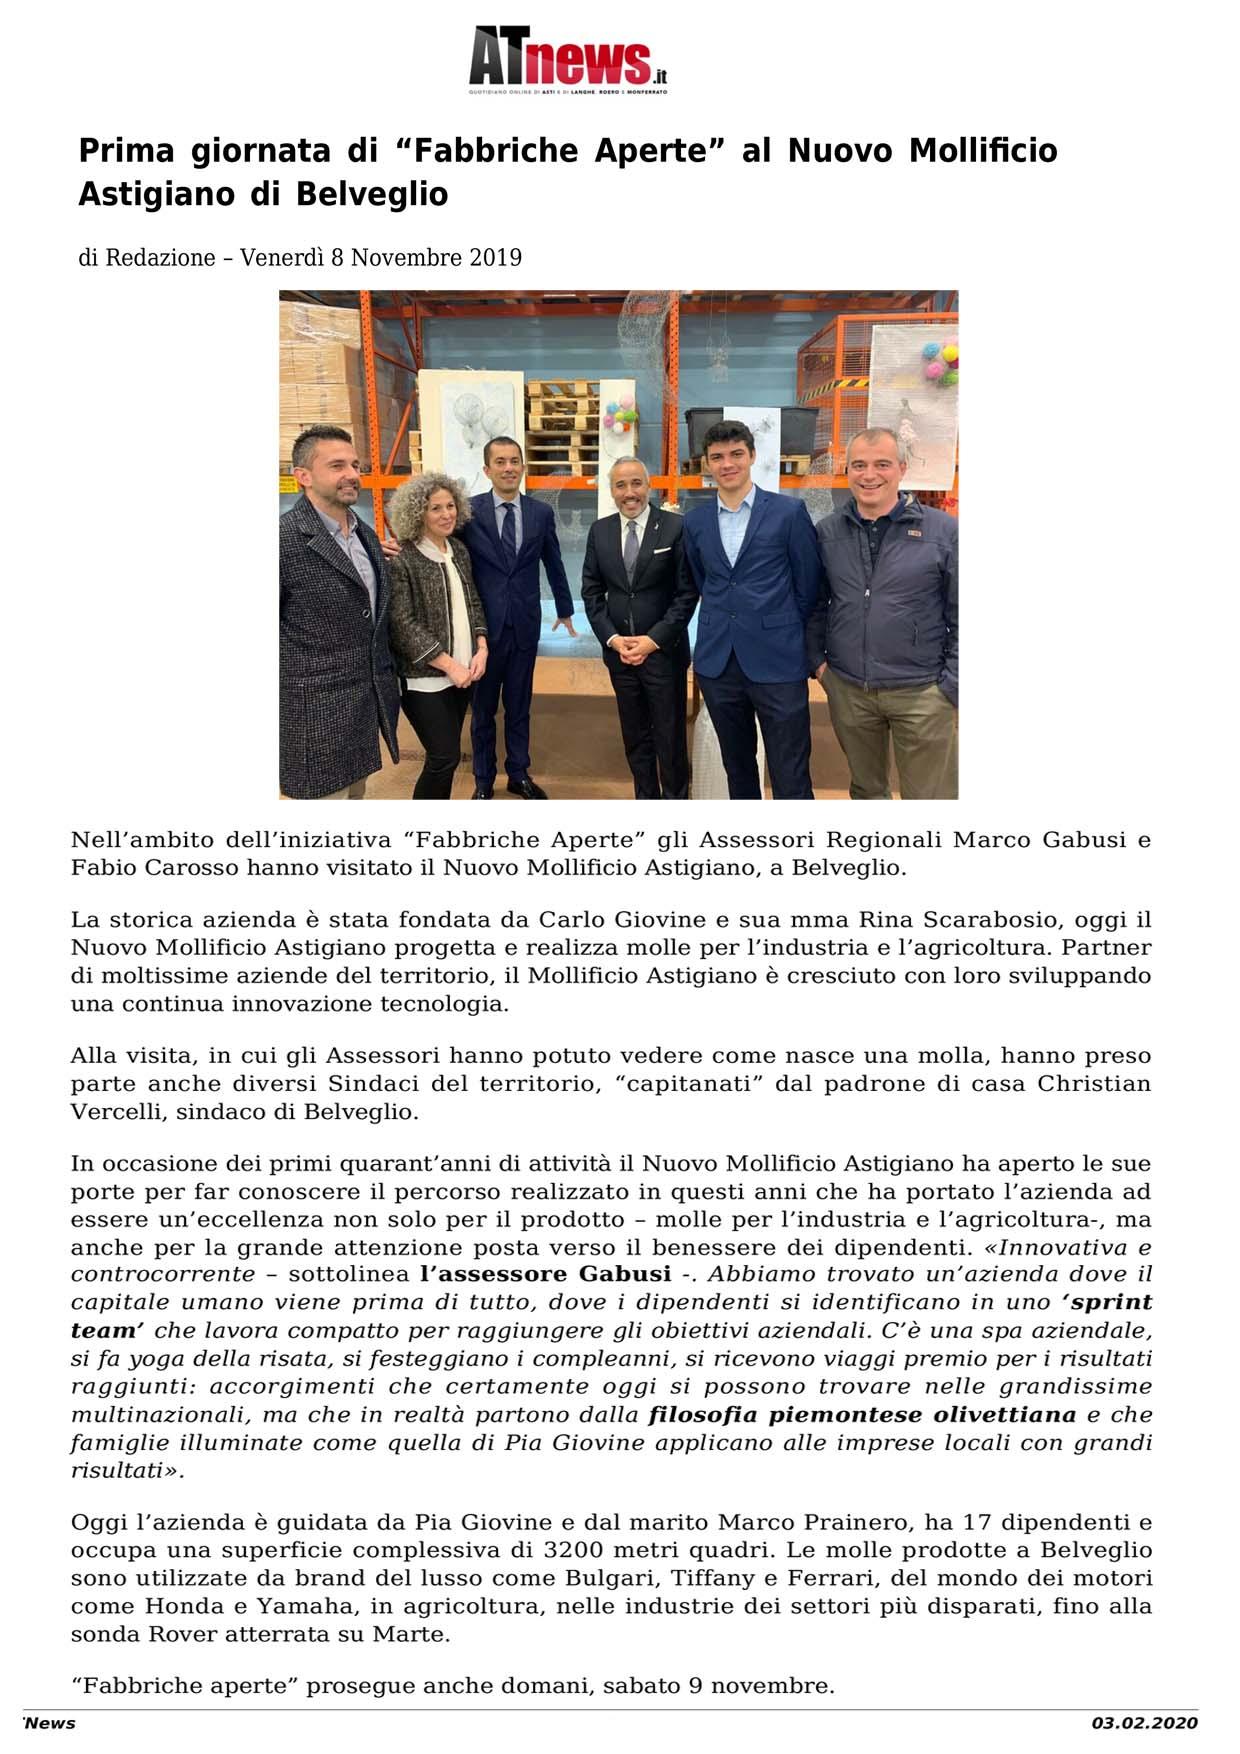 at-news-mollificio-astigiano